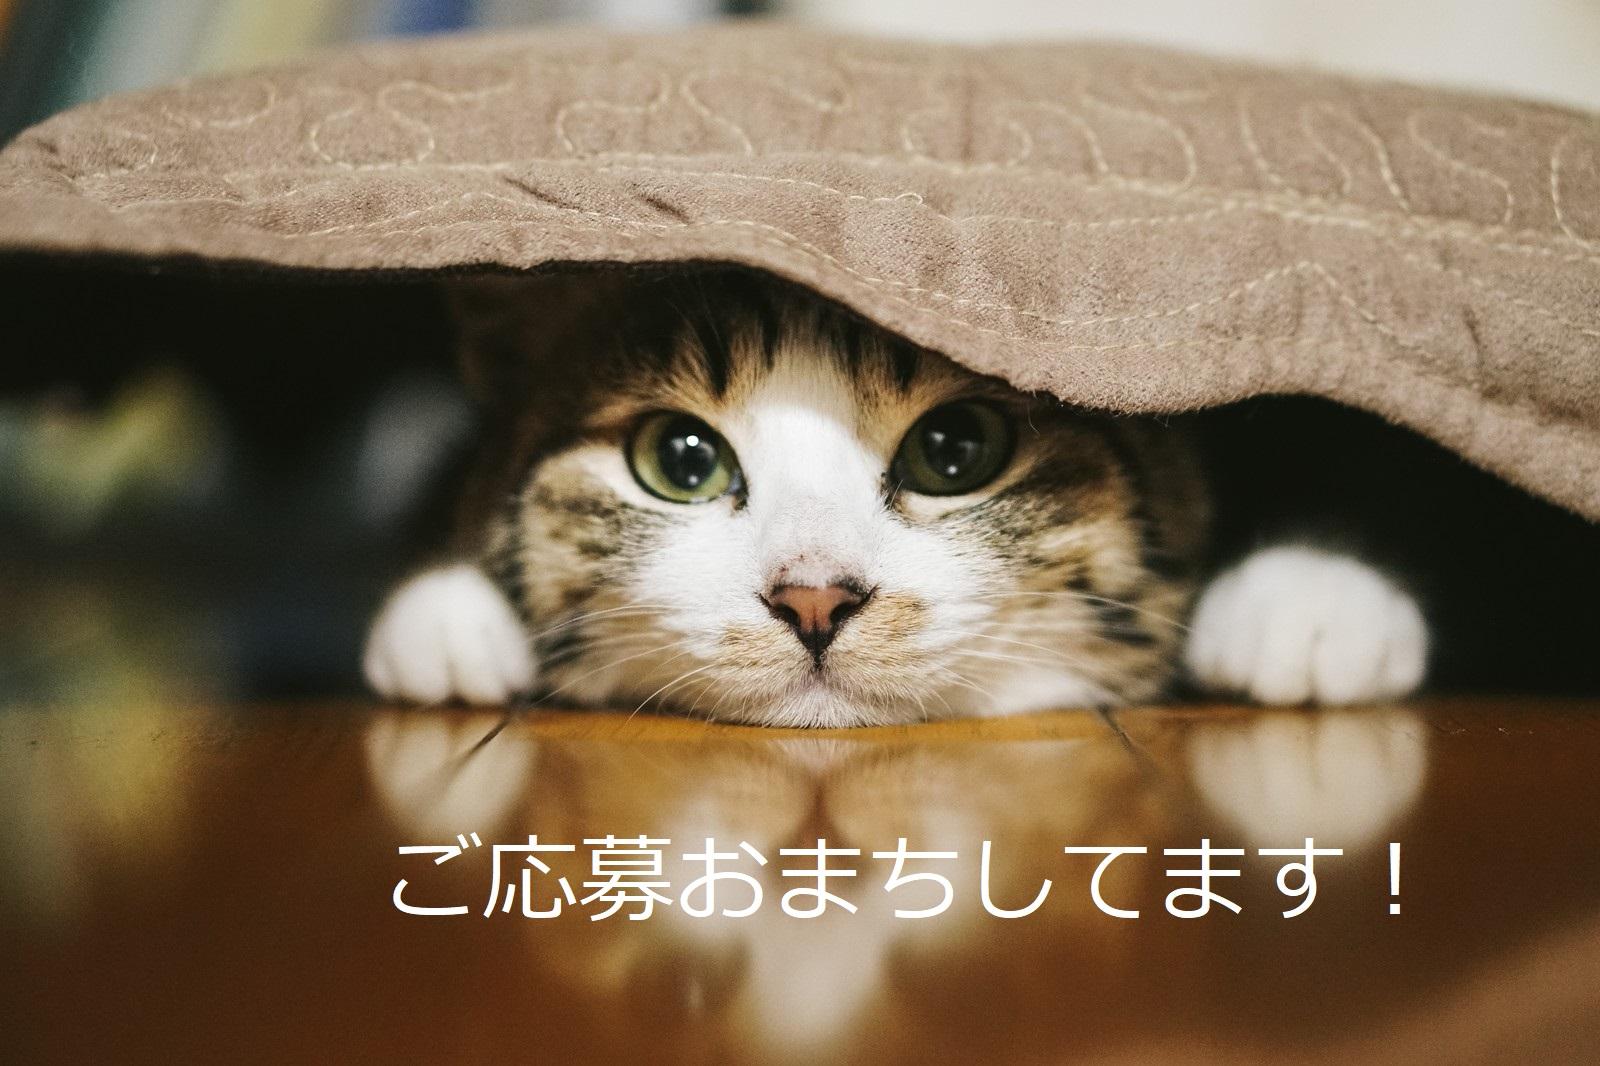 【神奈川県綾瀬市の求人】カンタンな部品加工作業 50代男性活躍中!